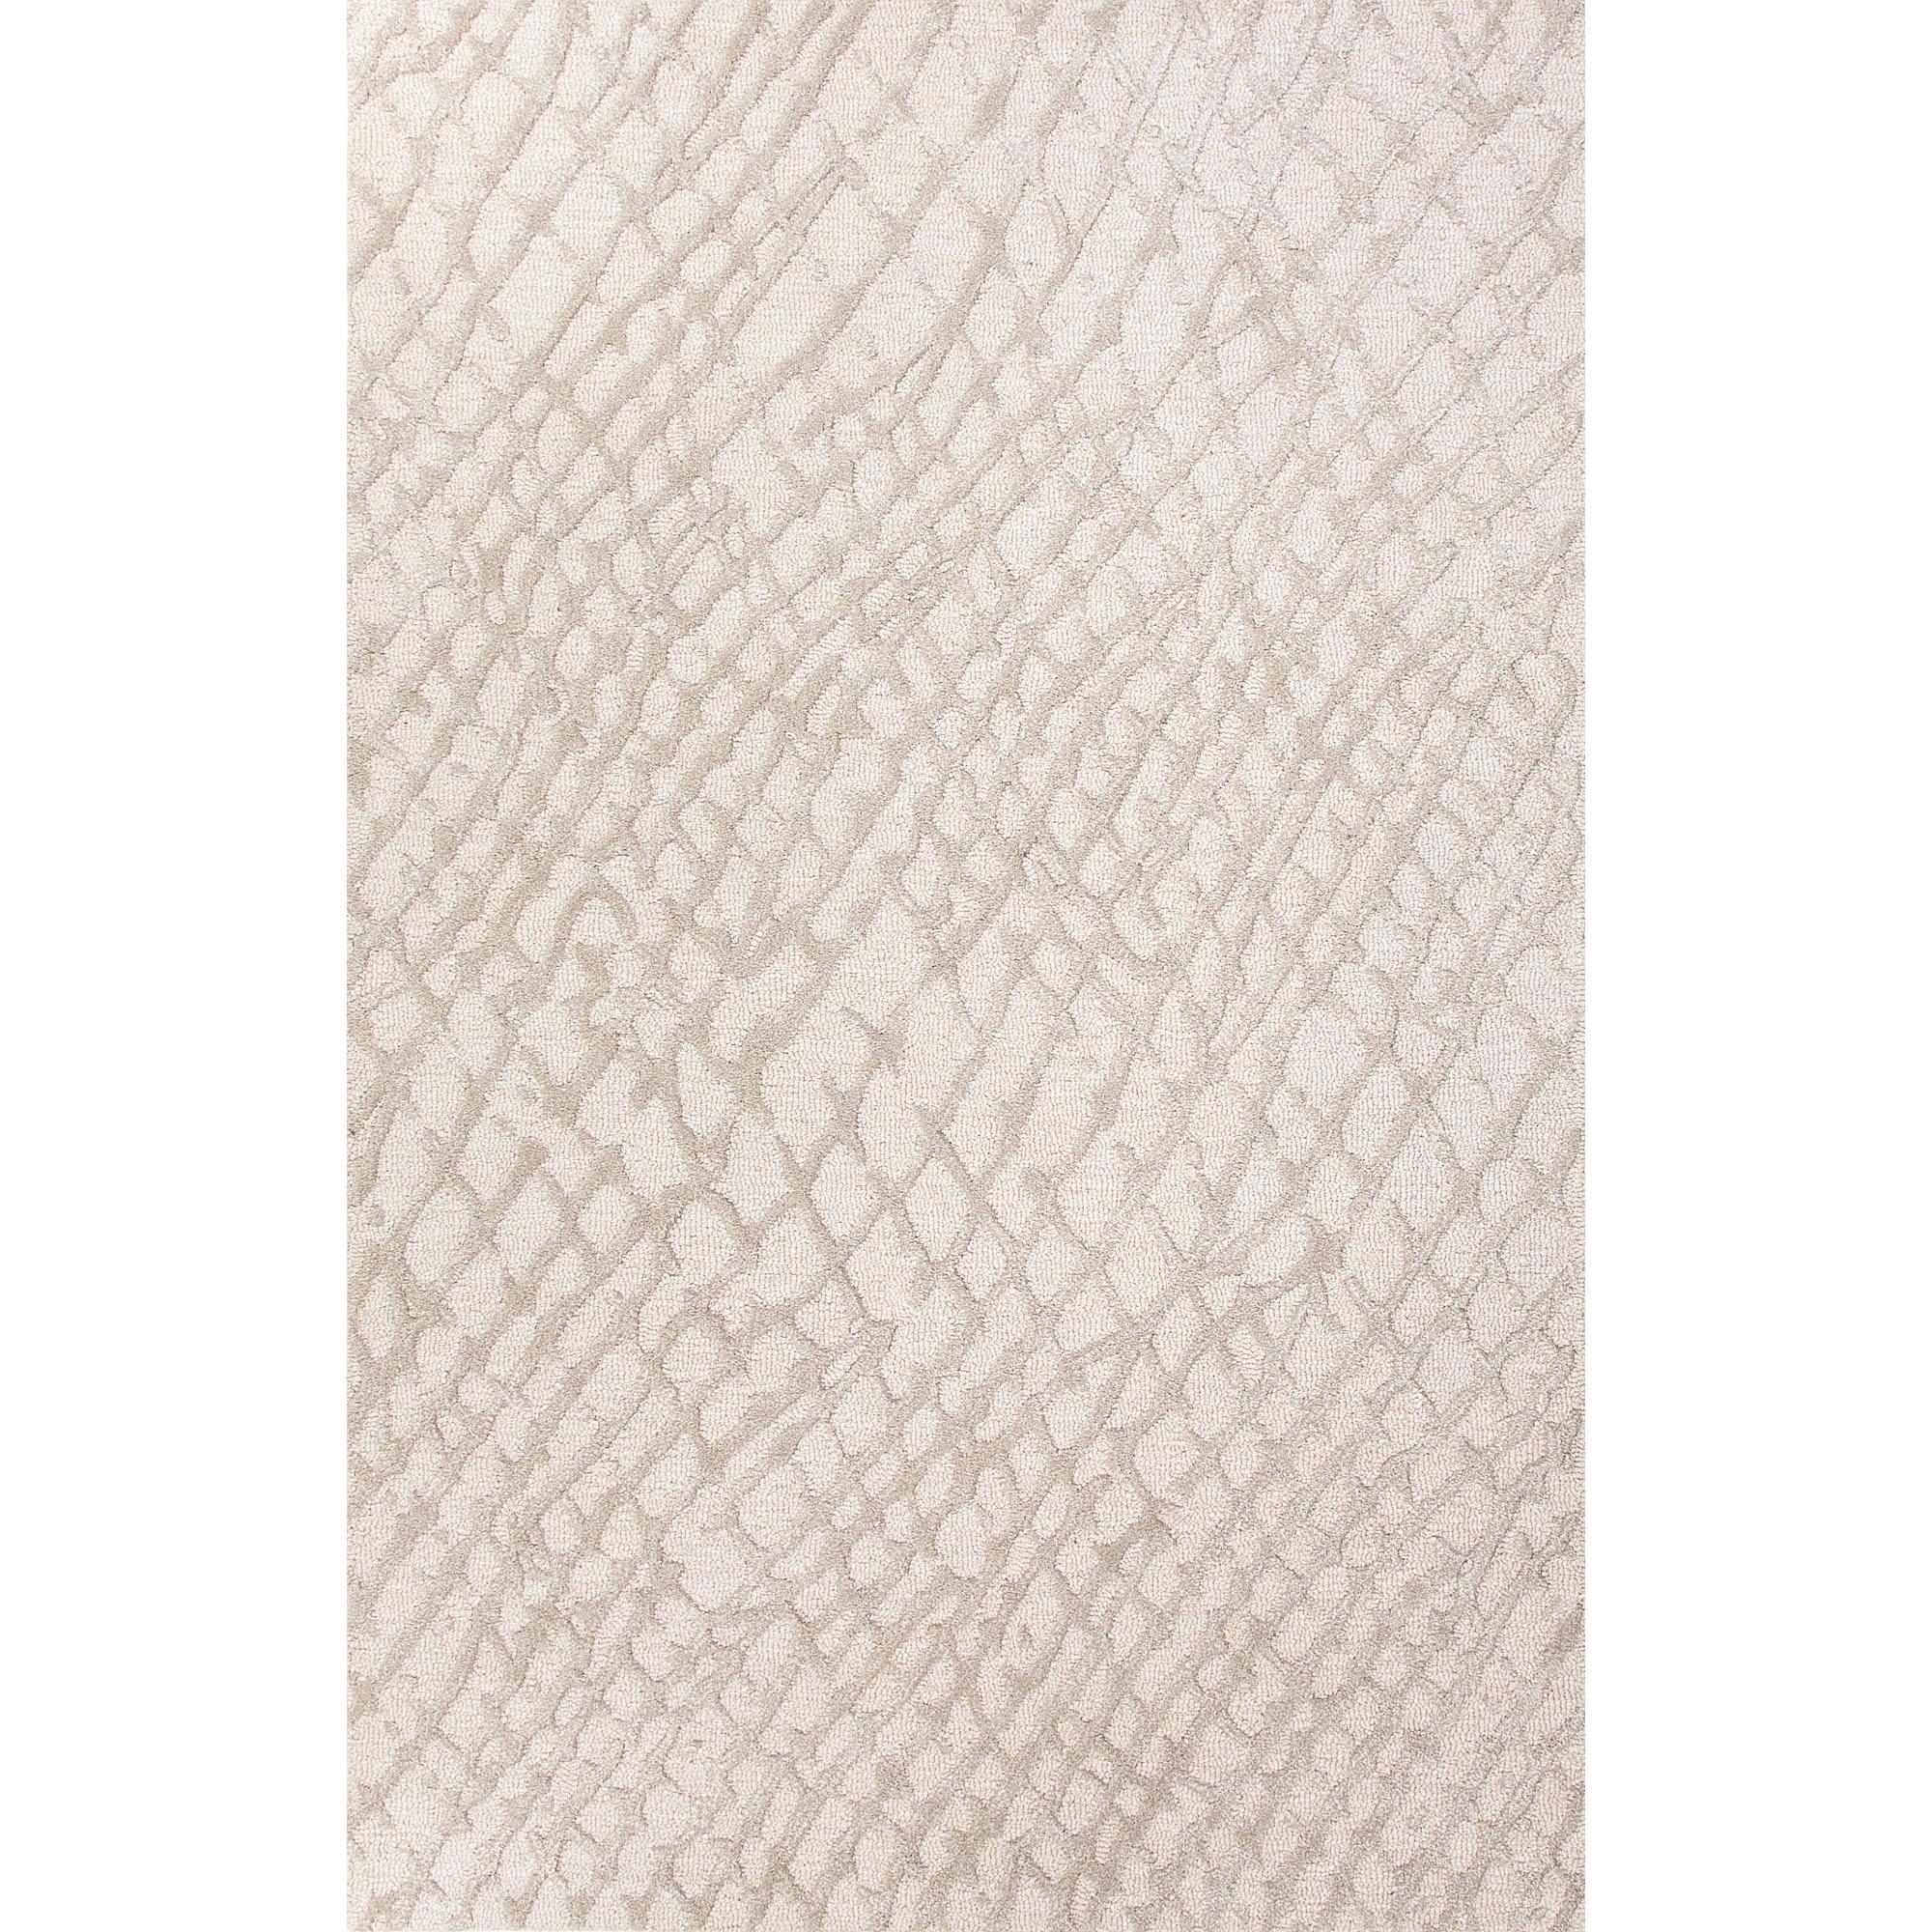 JAIPUR Rugs Clayton 8 x 10 Rug - Item Number: RUG111808